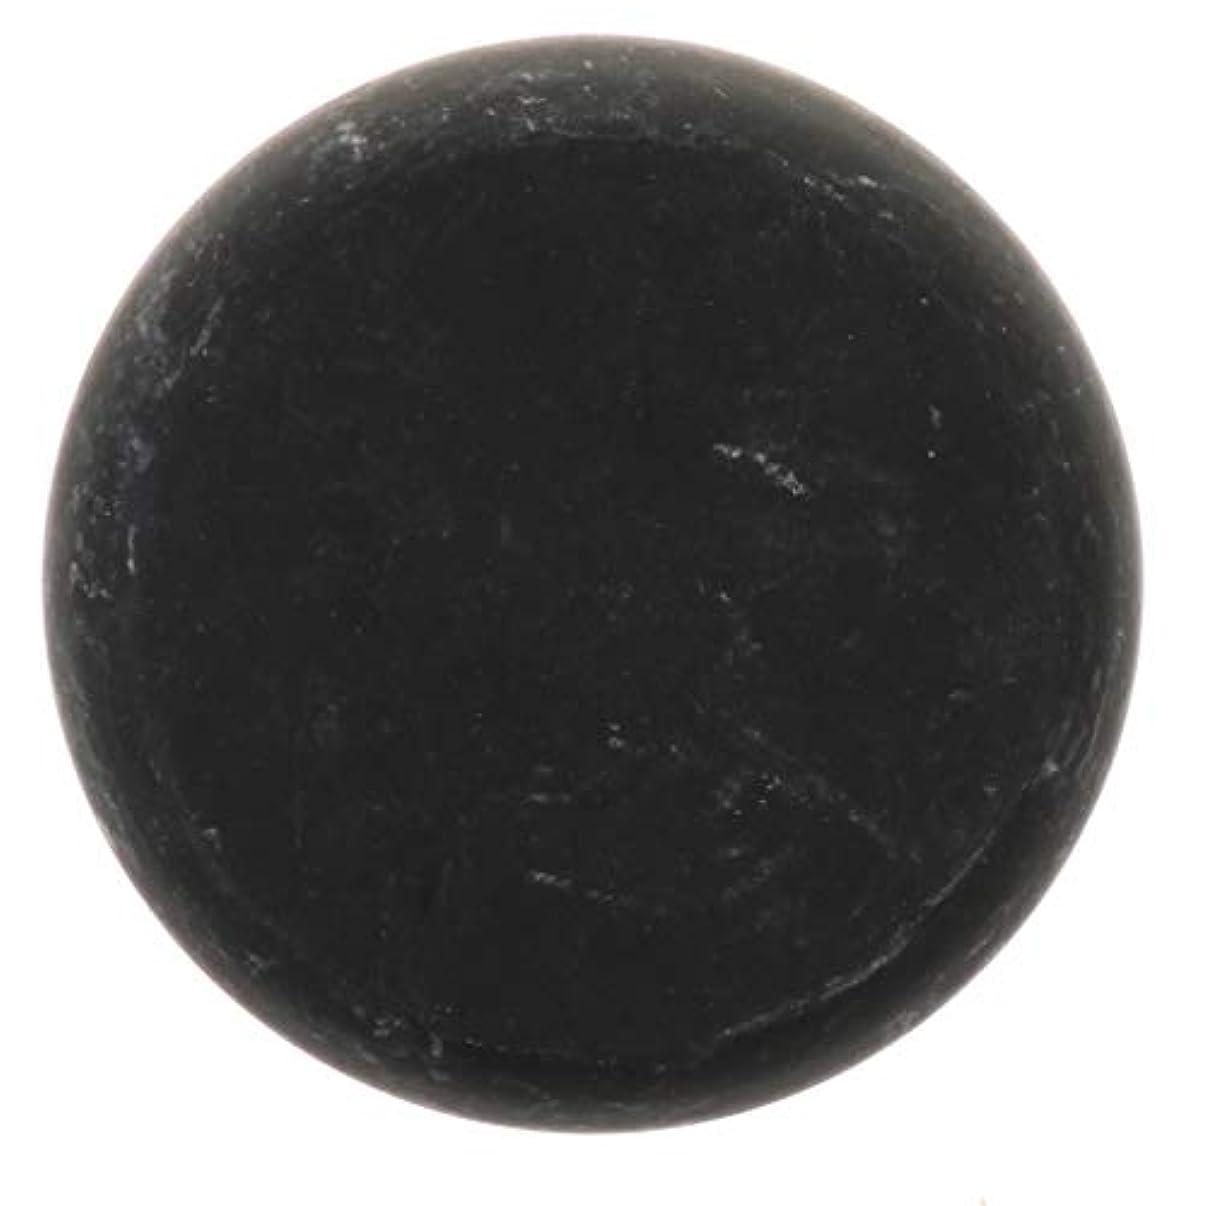 物理学者欠如拒絶FLAMEER 天然石ホットストーン マッサージ用玄武岩 マッサージストーン ボディマッサージ 実用的 全2サイズ - ブラック, 01